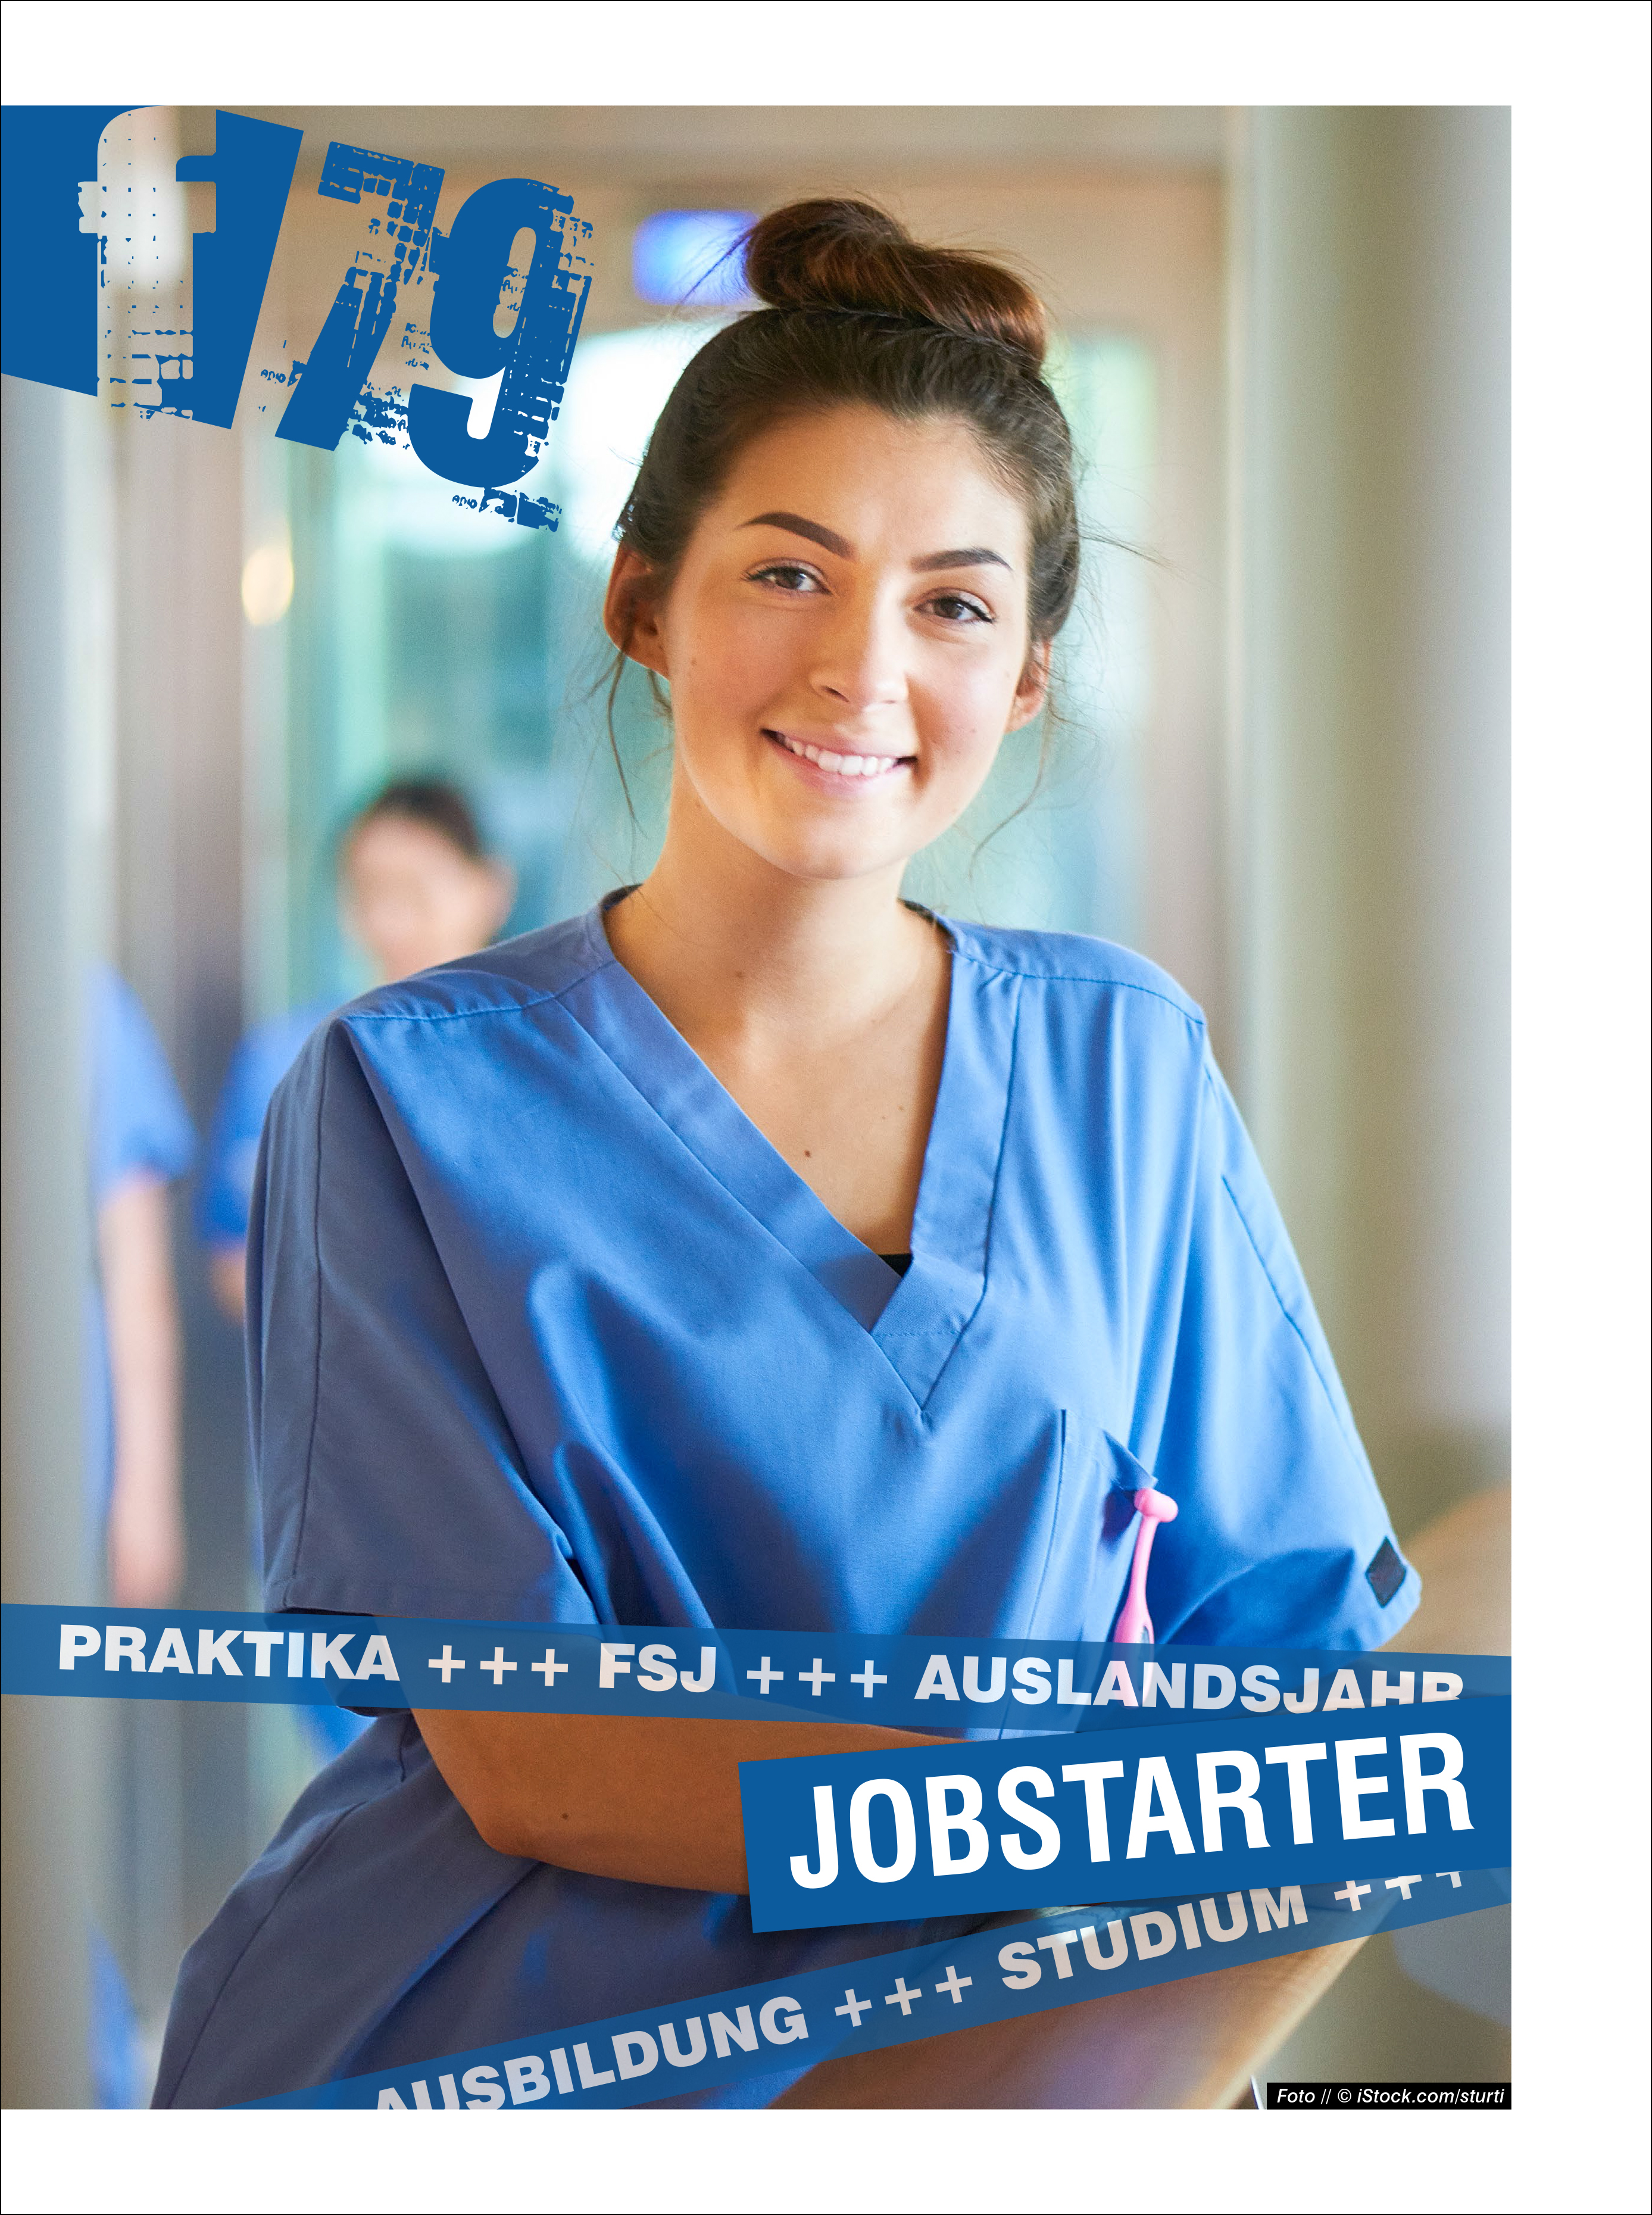 f79 Jobstarter 0320 Cover